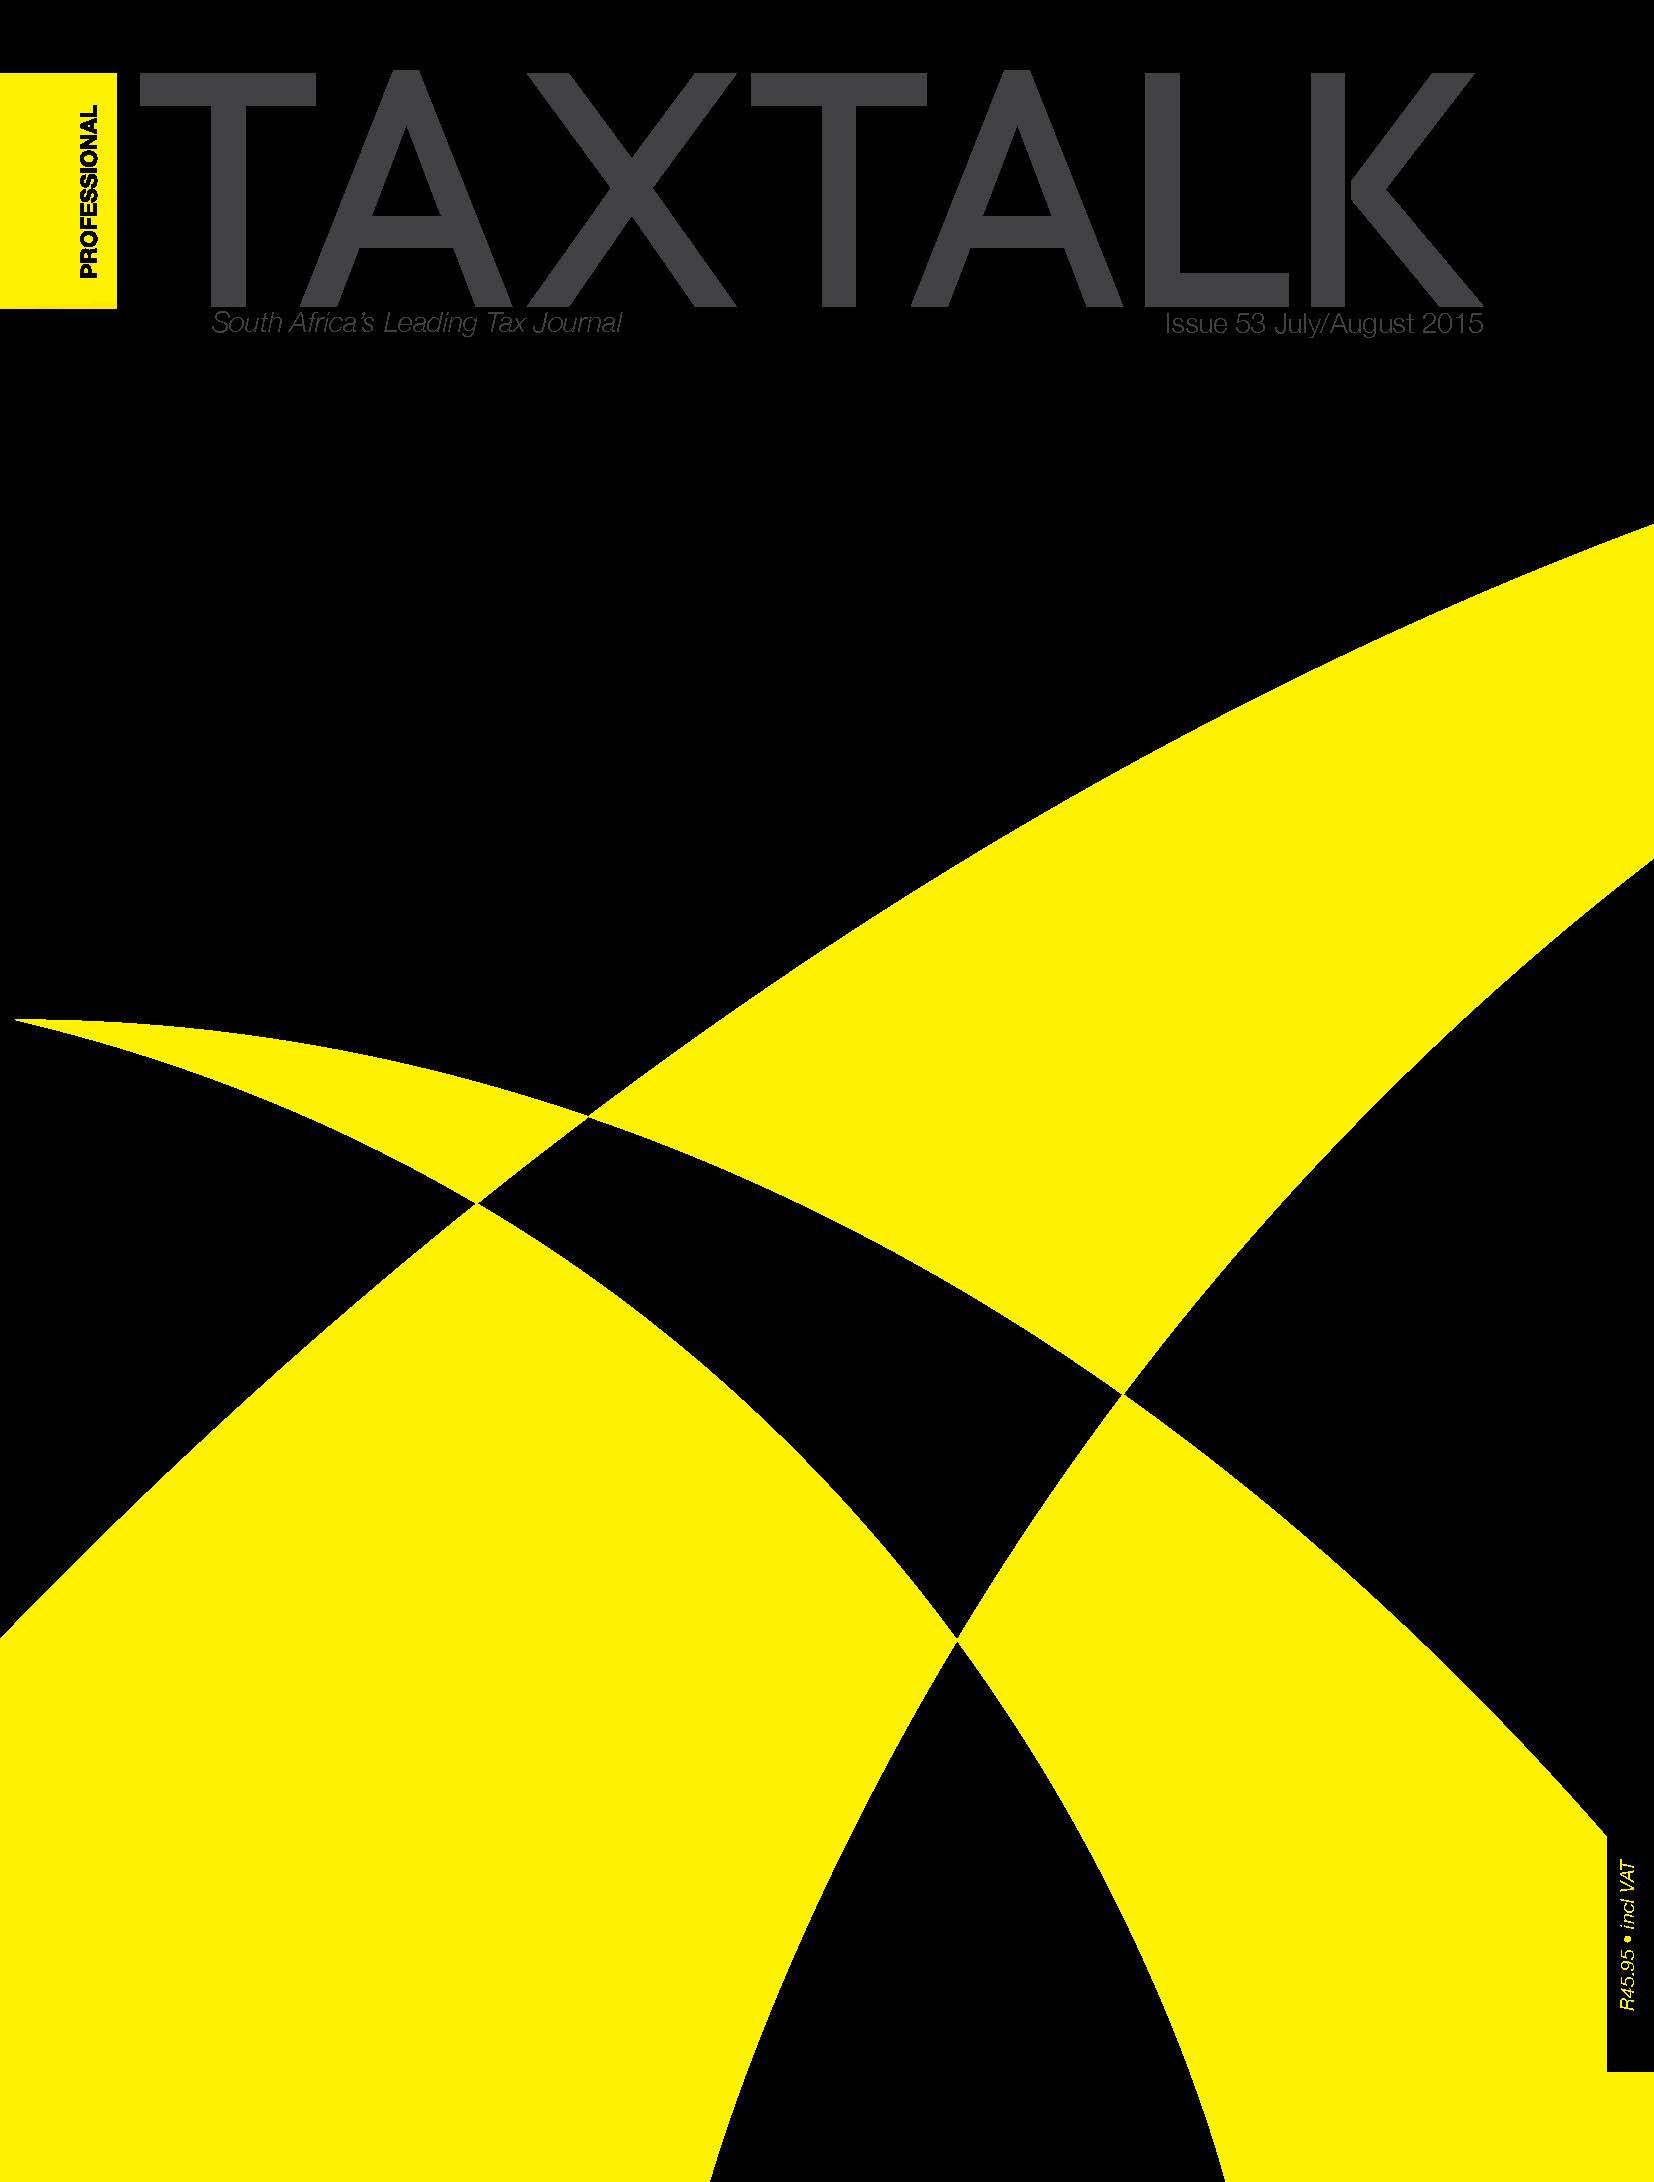 taxtalk cover